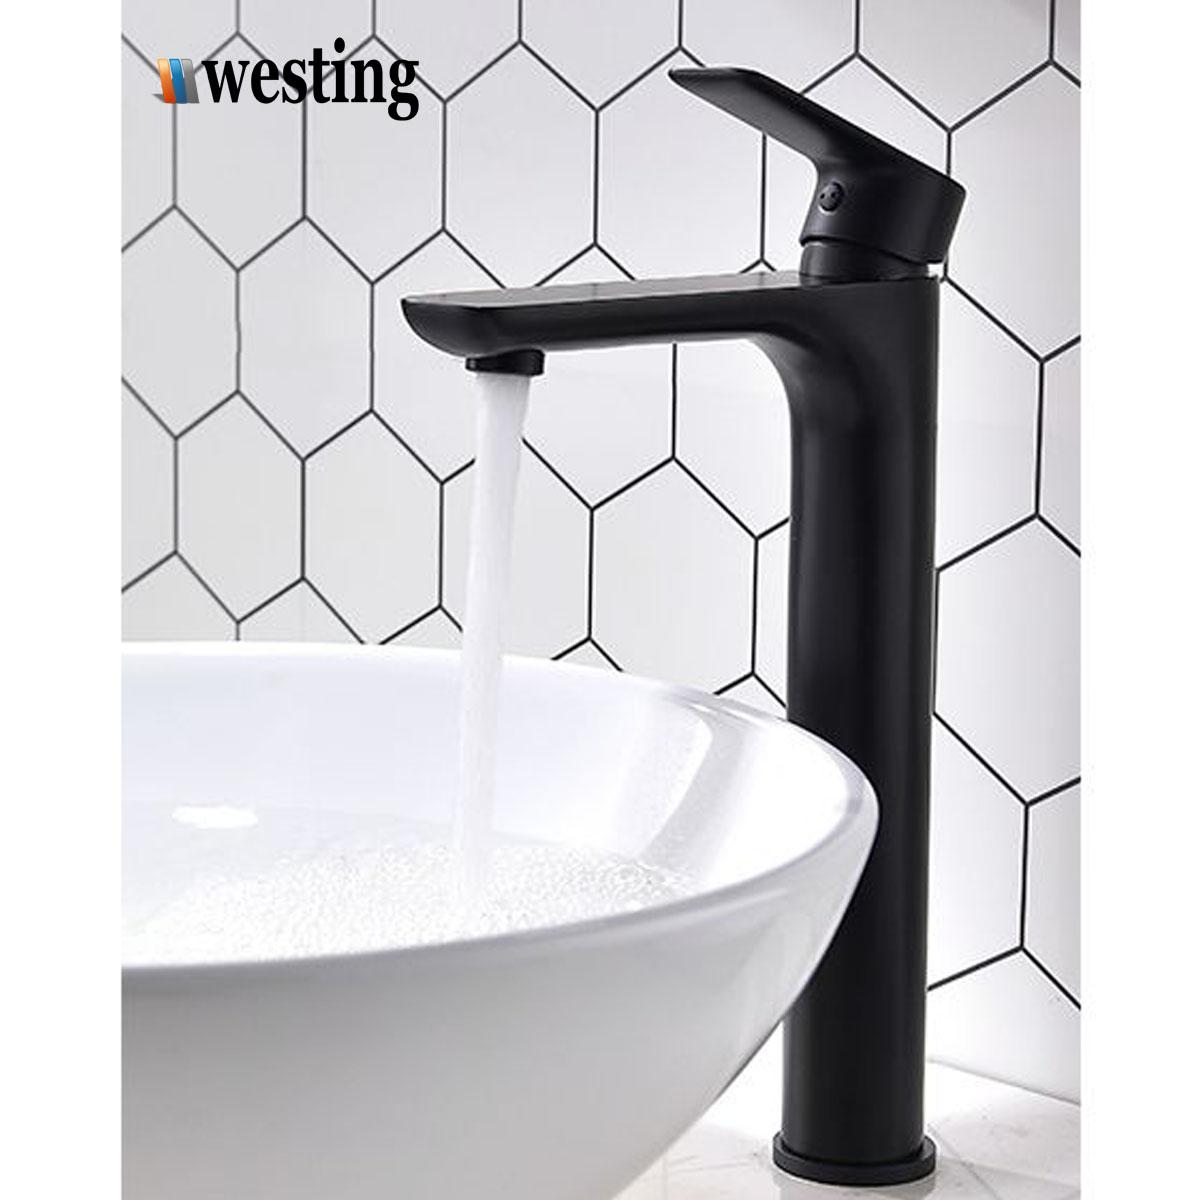 Torneira de Mesa Para Lavatório e Banheiros Misturador Monocomando - Westing